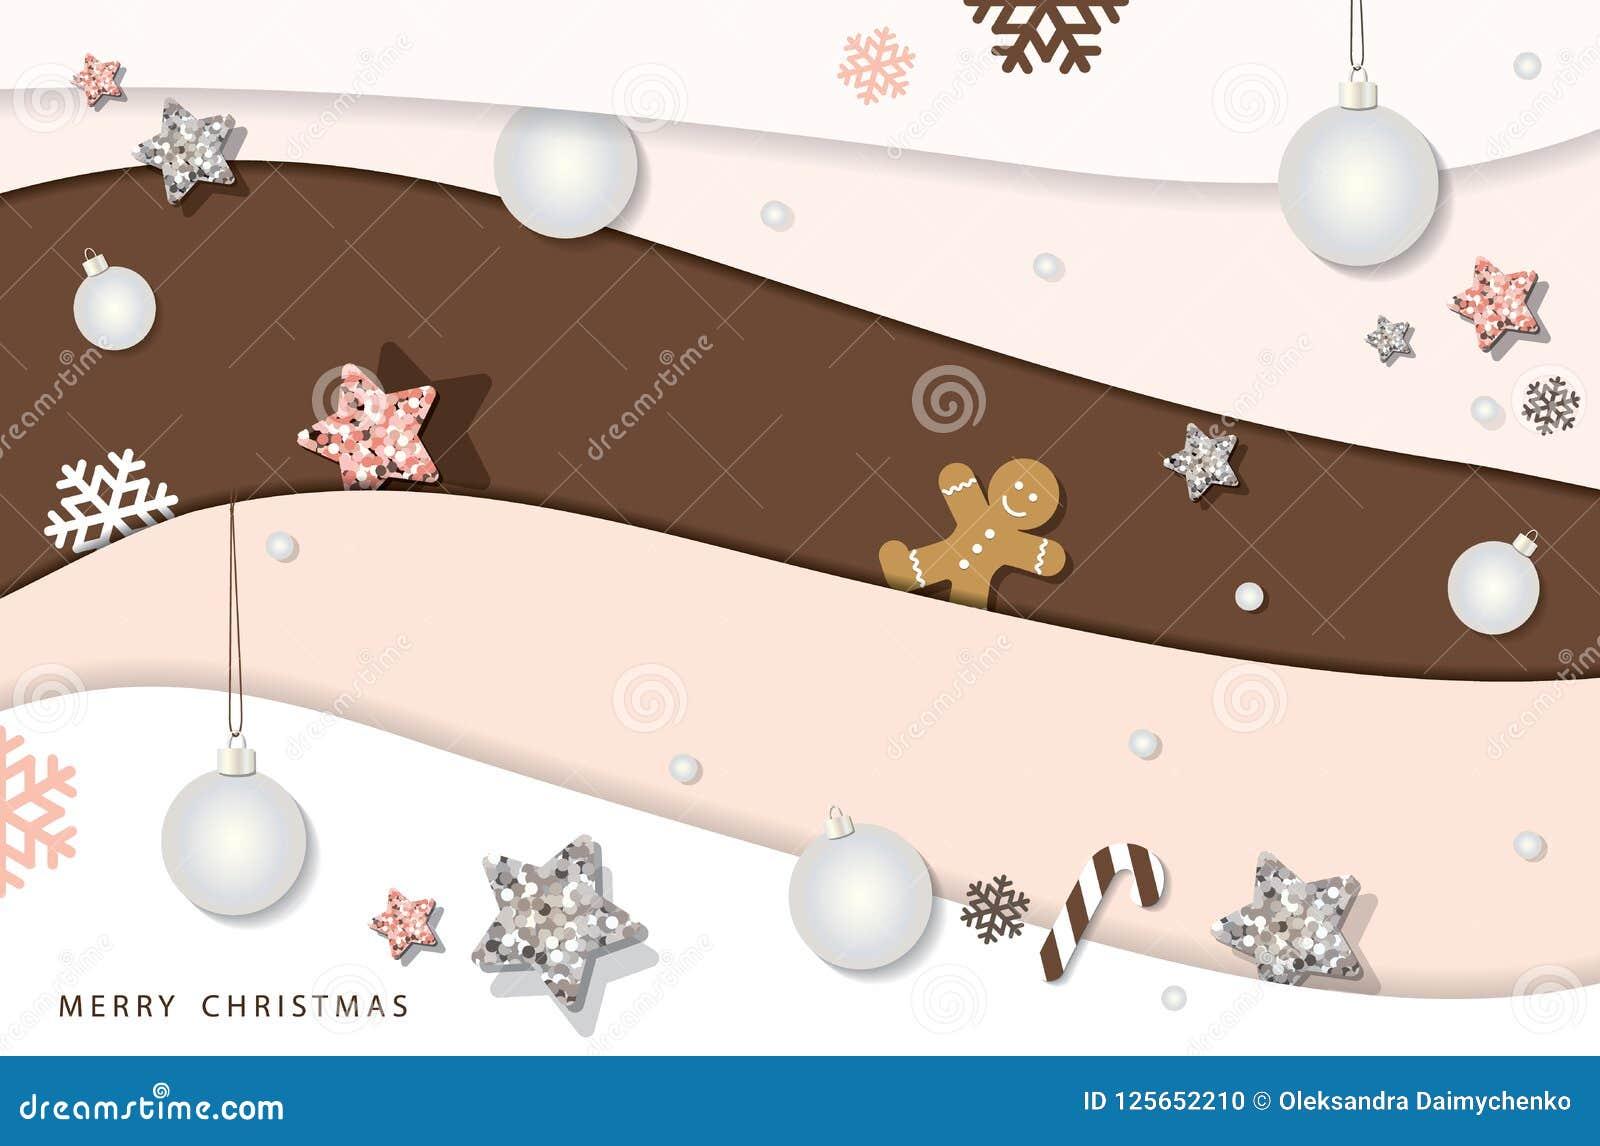 Jul och vinterbakgrund för lyckligt nytt år Pappers- utklipplager som dekoreras med blänker stjärnor, snöflingor och bollar